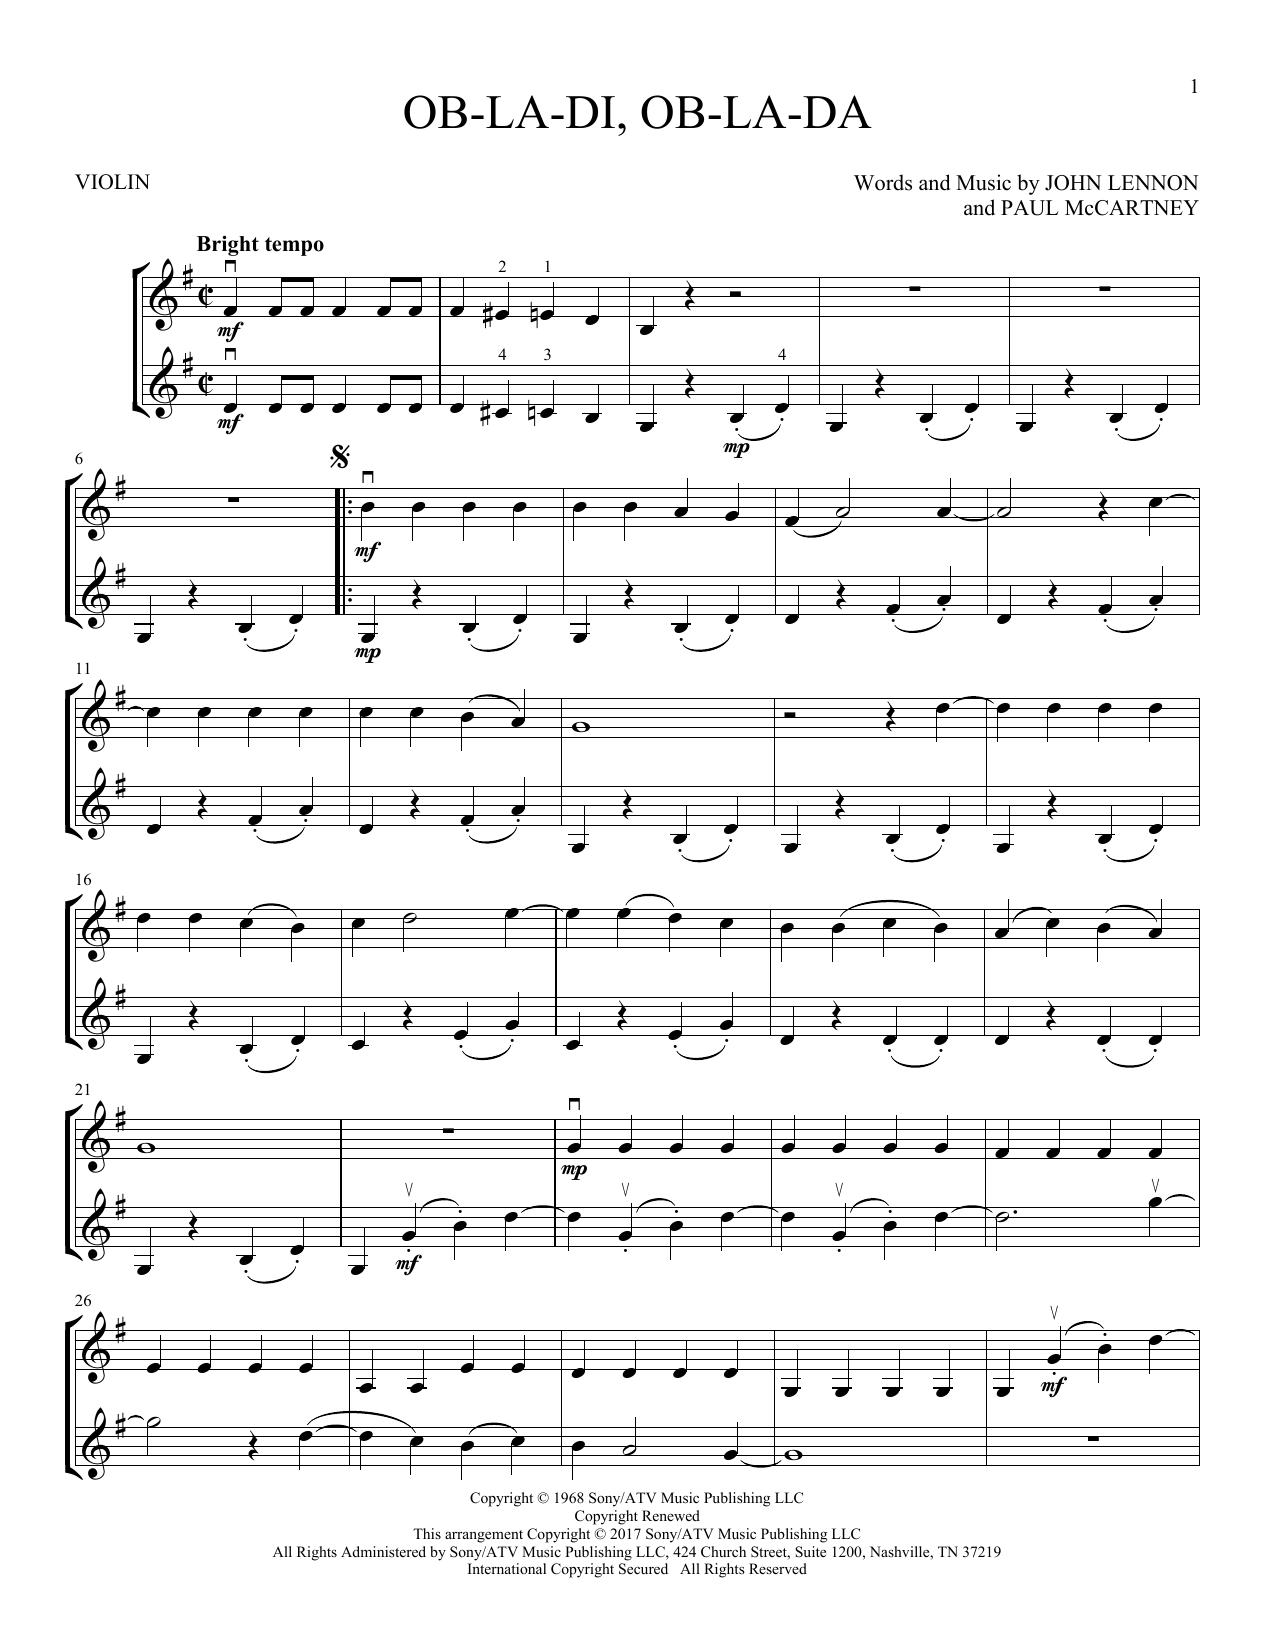 Ob-La-Di, Ob-La-Da (Violin Duet)